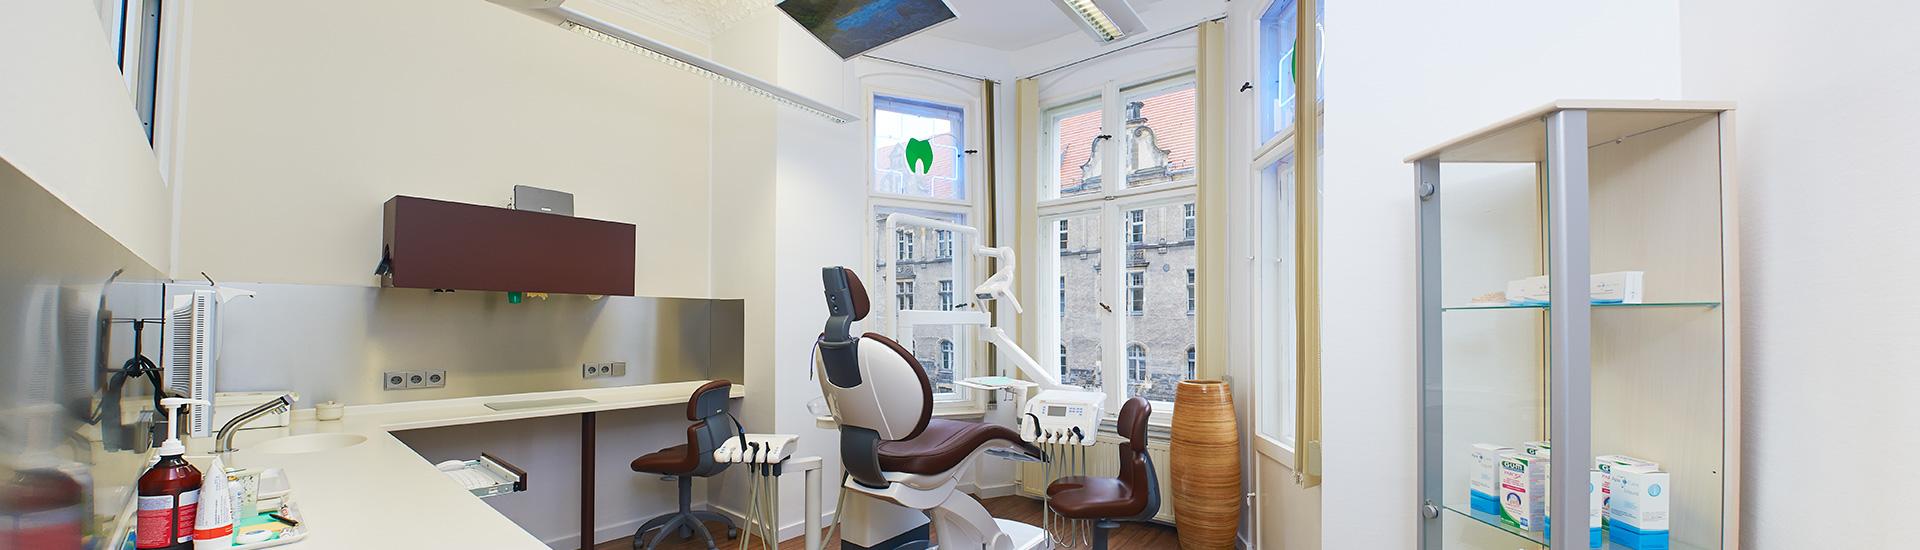 Zahnzentrum-Neukoelln-Berlin-Zahnarztbehandlungsraum-2